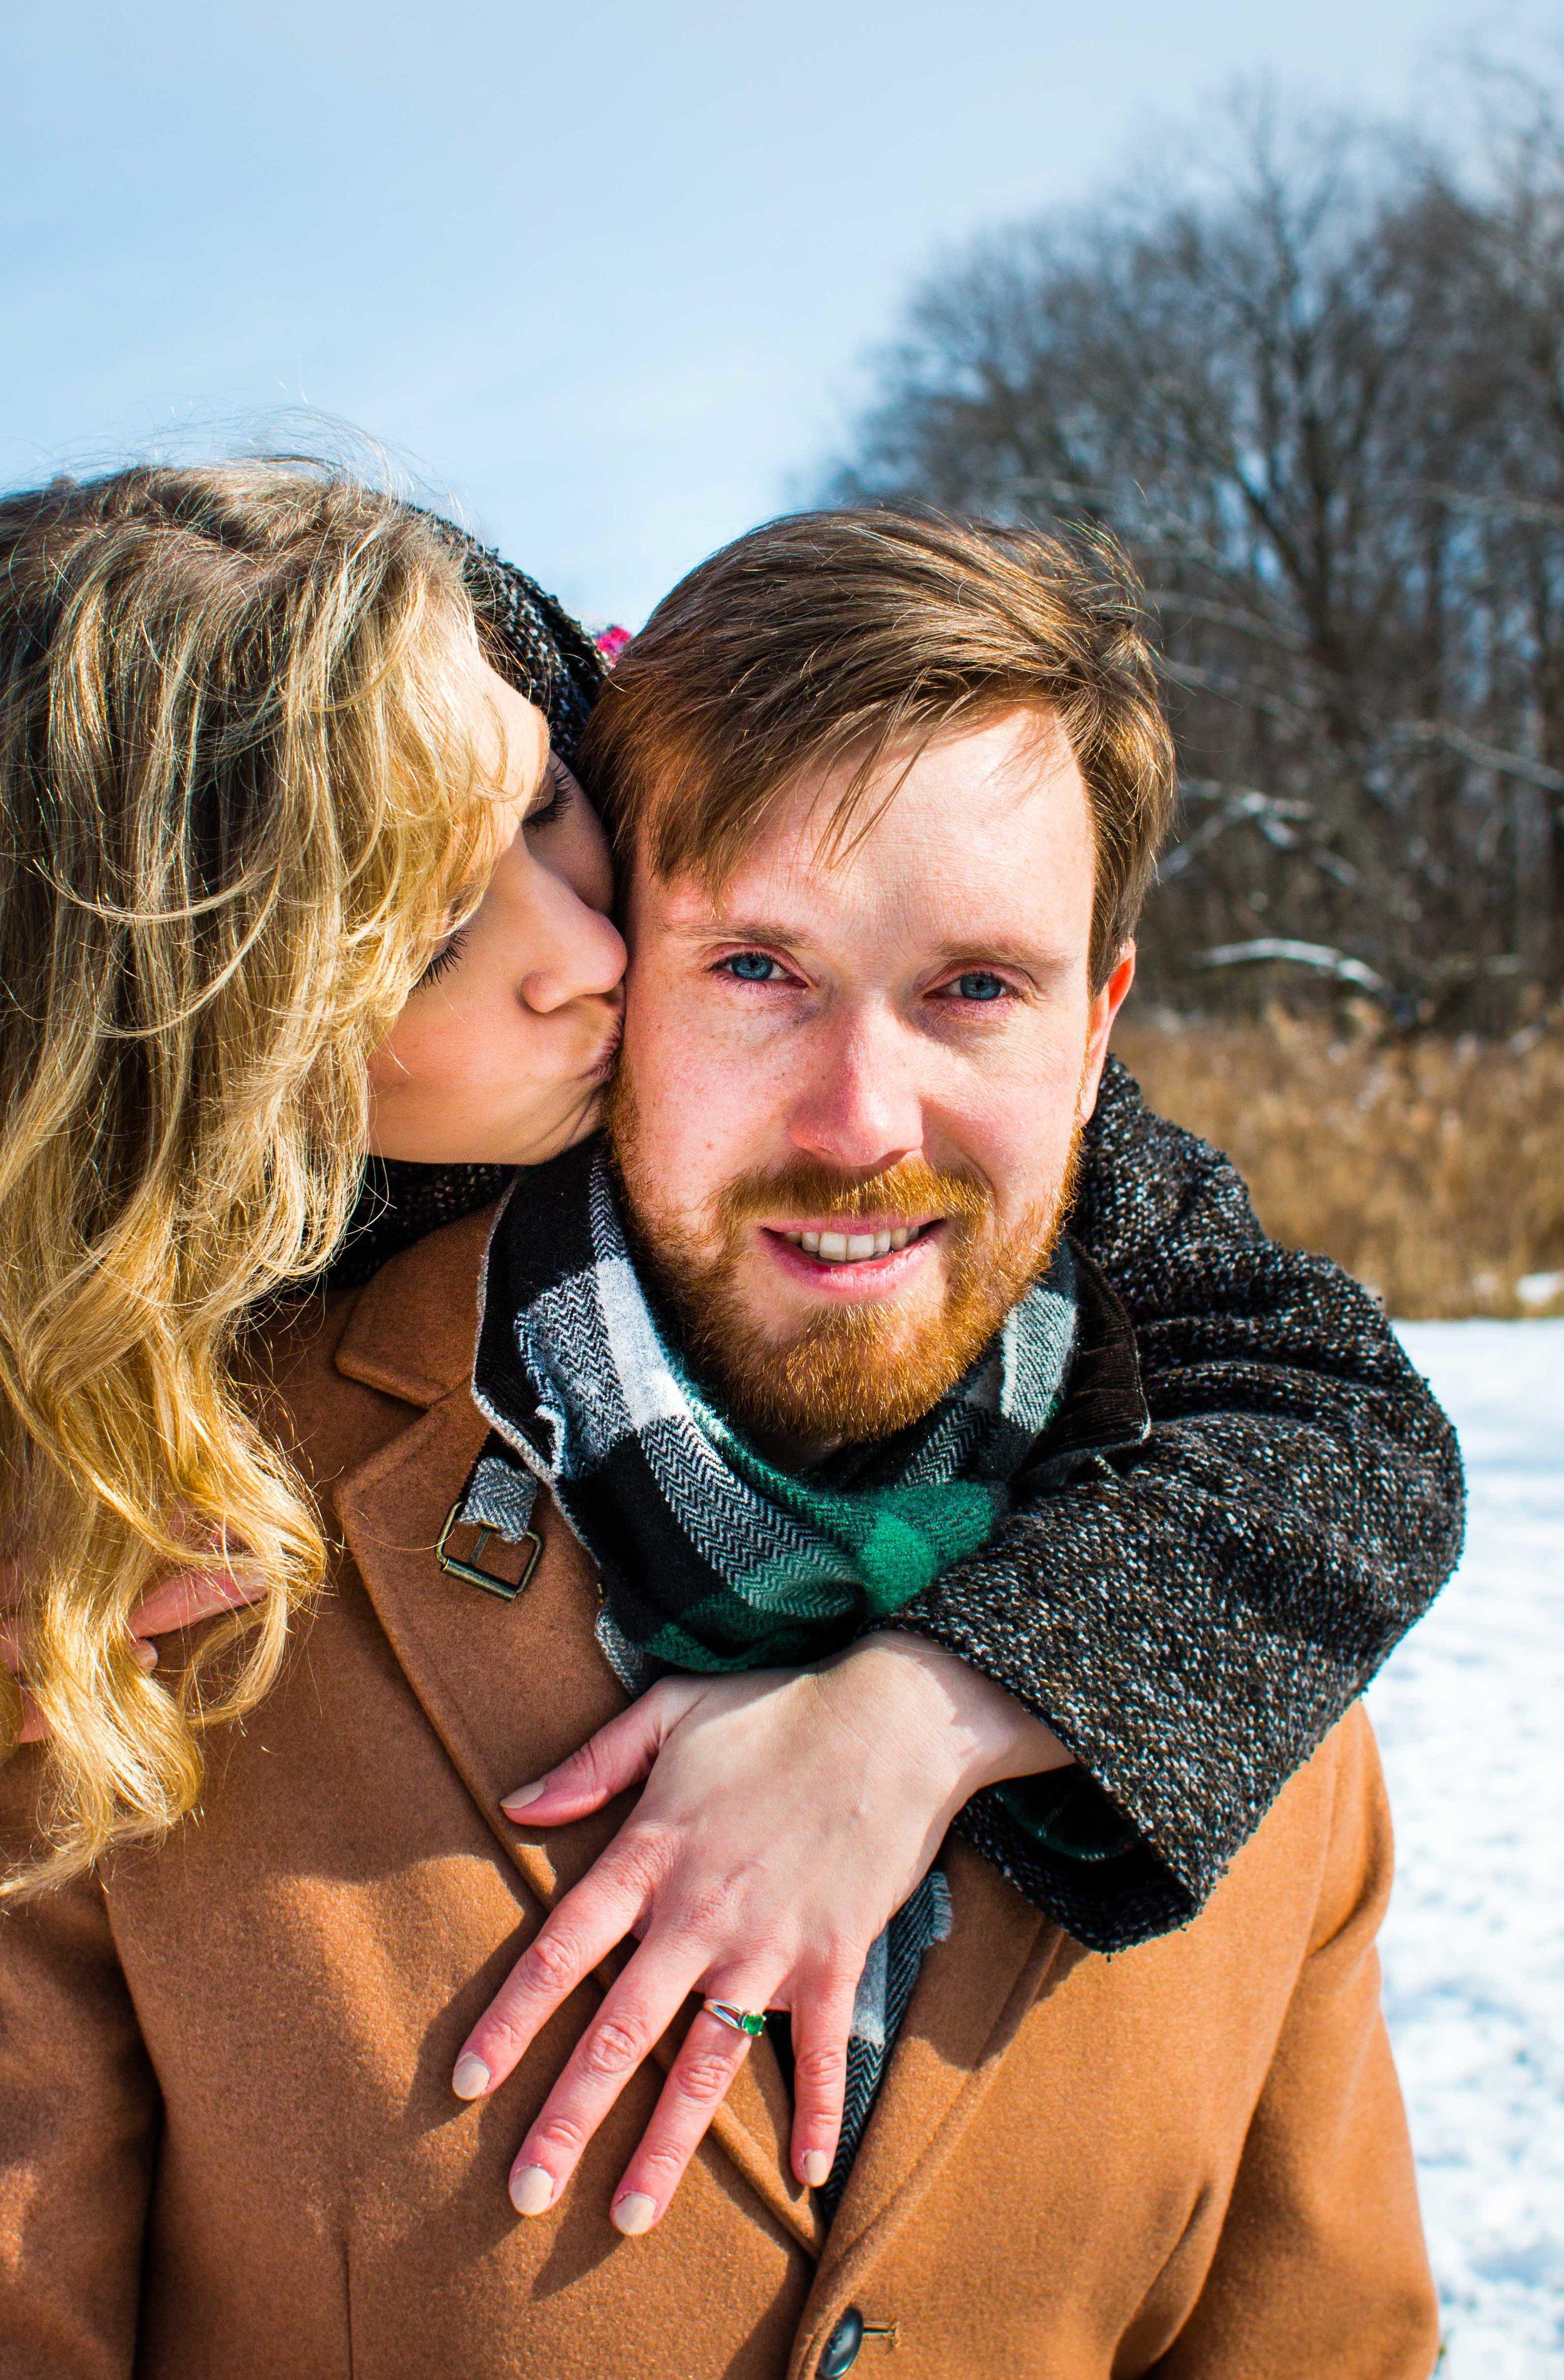 Tara & Ben_Engagement_020219_low res-50.jpg